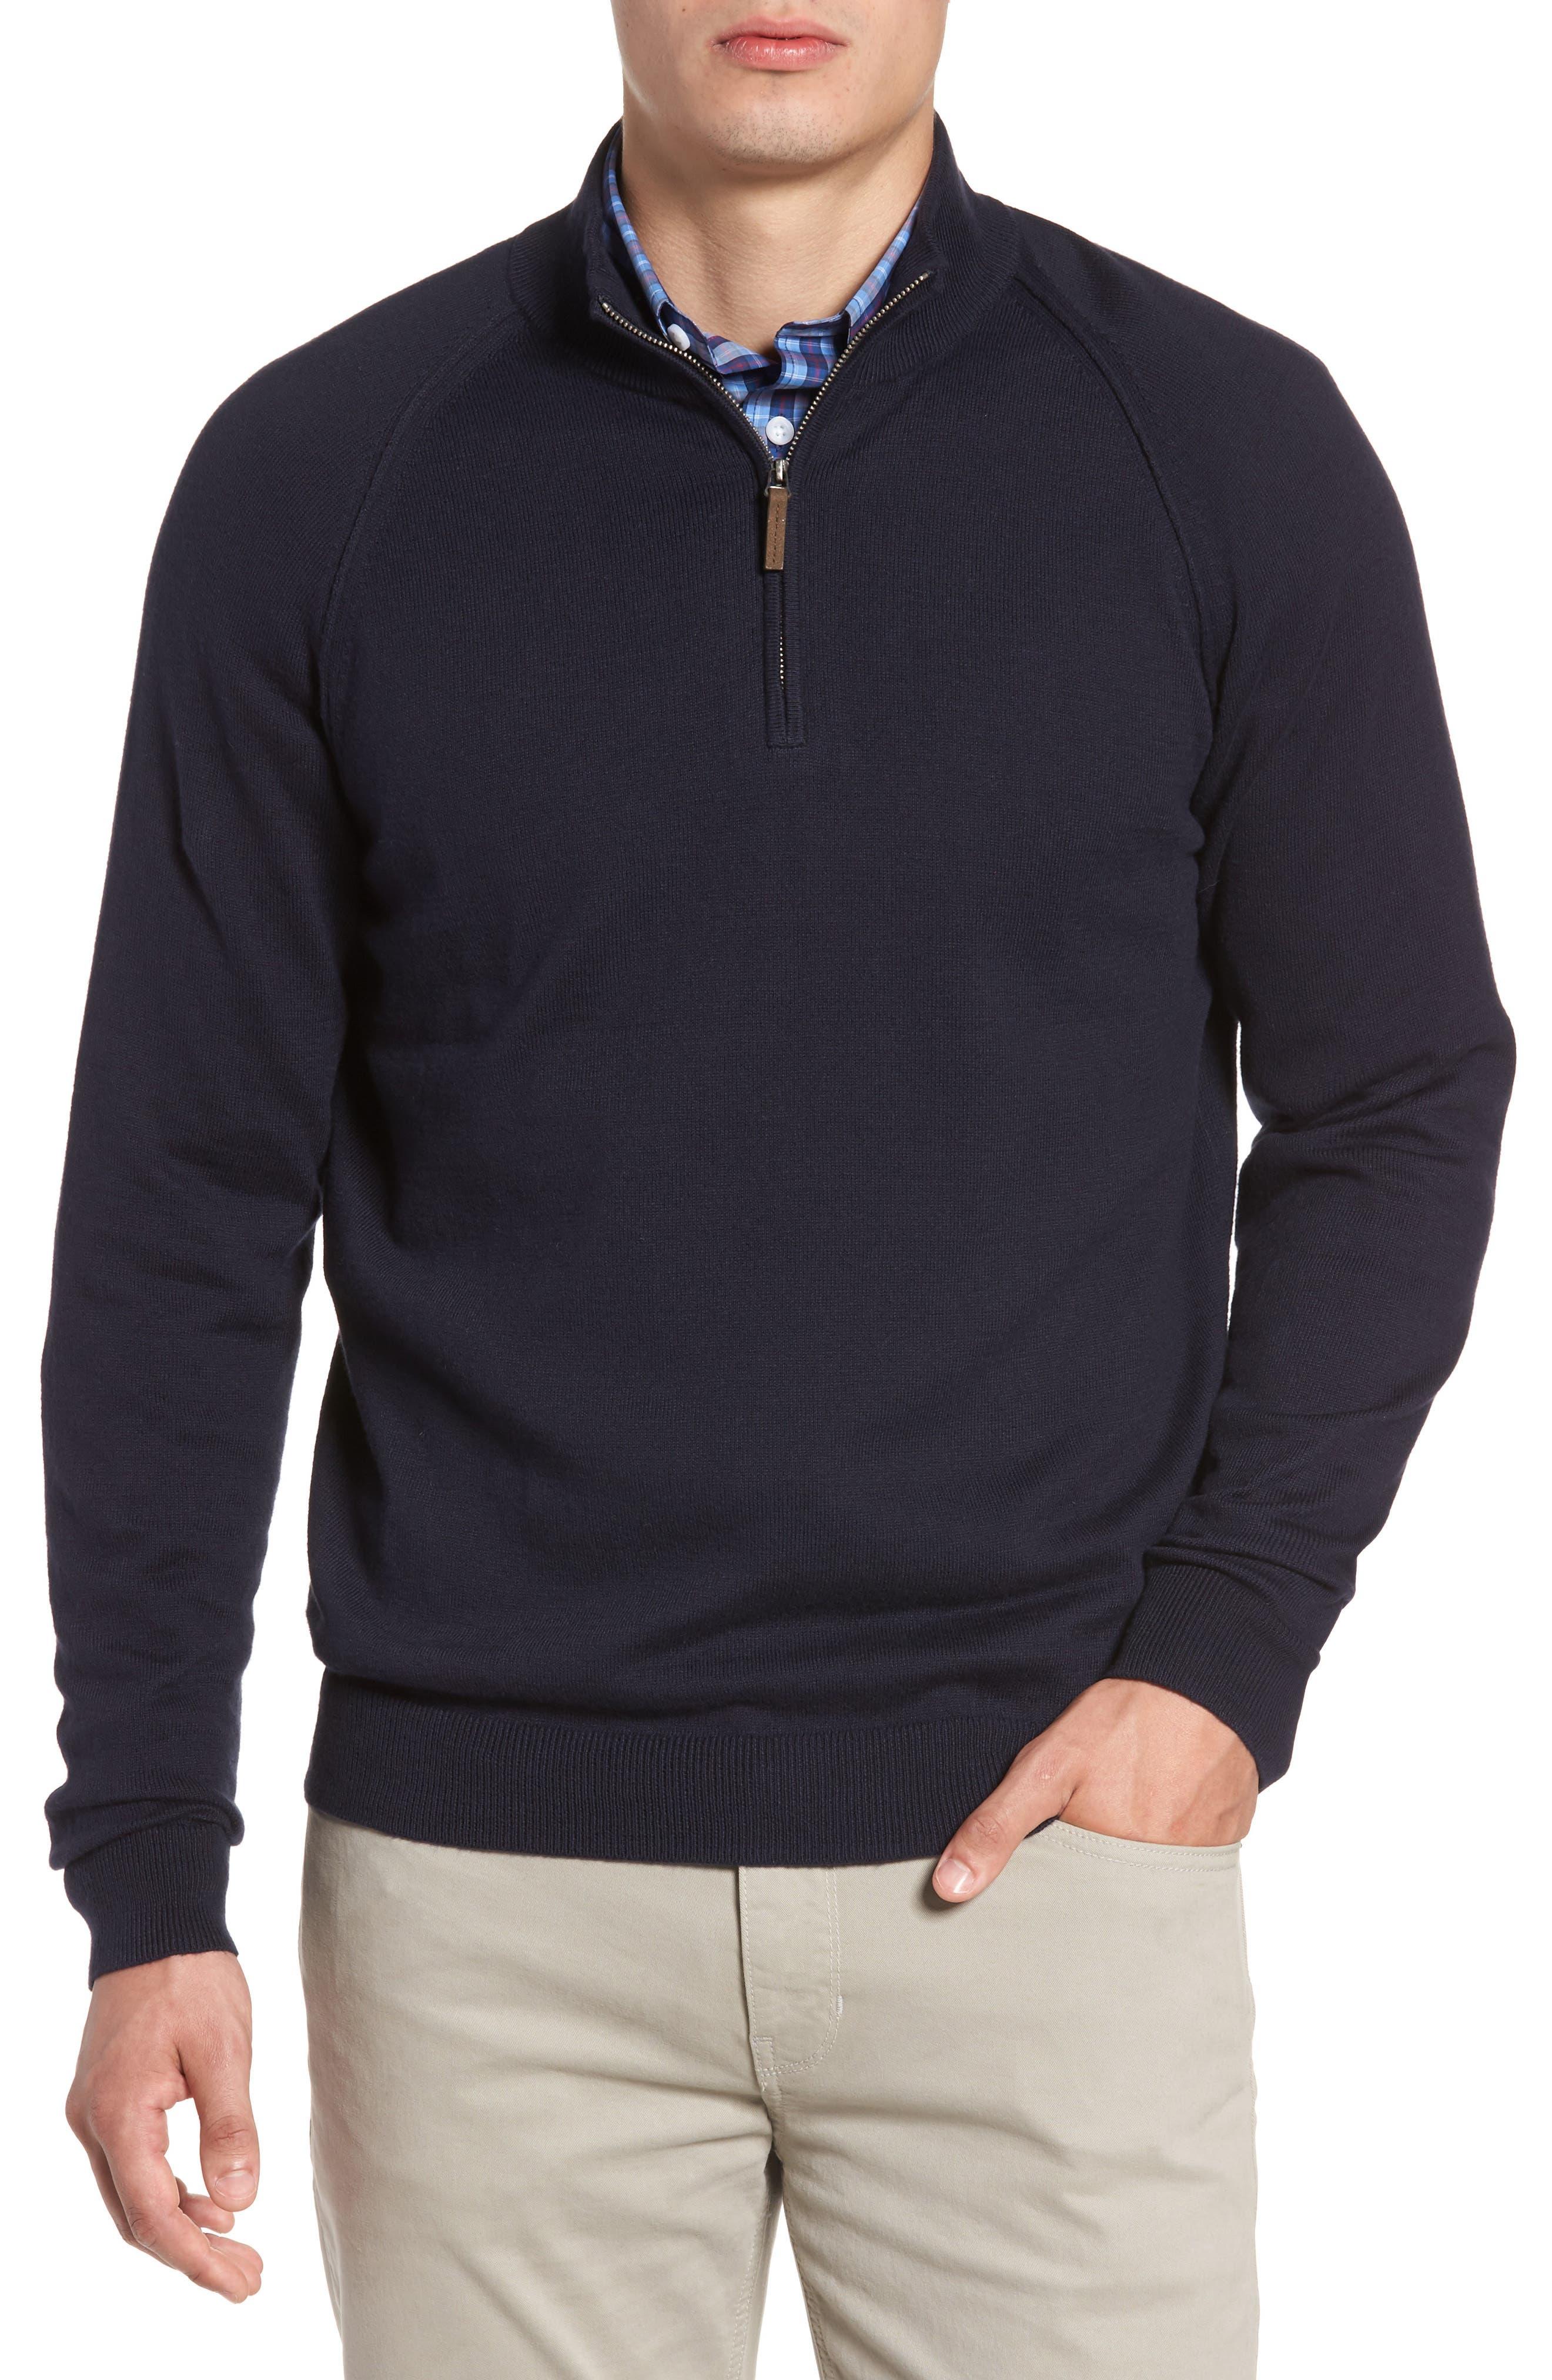 Main Image - Nordstrom Men's Shop Saddle Shoulder Quarter Zip Cotton & Cashmere Pullover